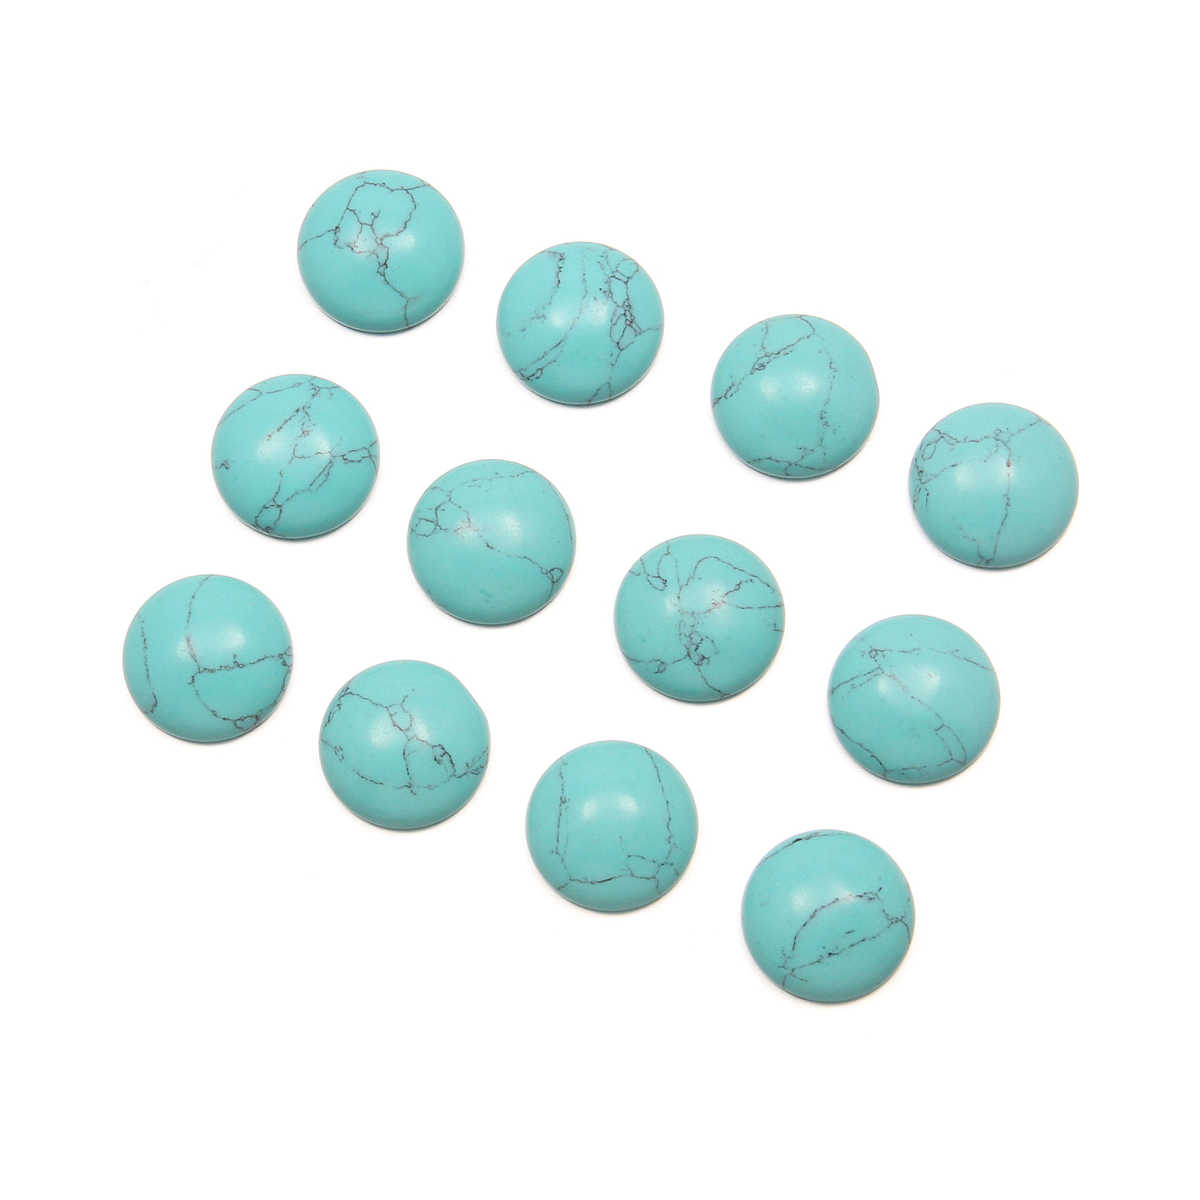 10 pçs pedras naturais azul turquesa jade pedra cabochão nenhum furo contas para fazer jóias diy anel acessórios contas espalhadas